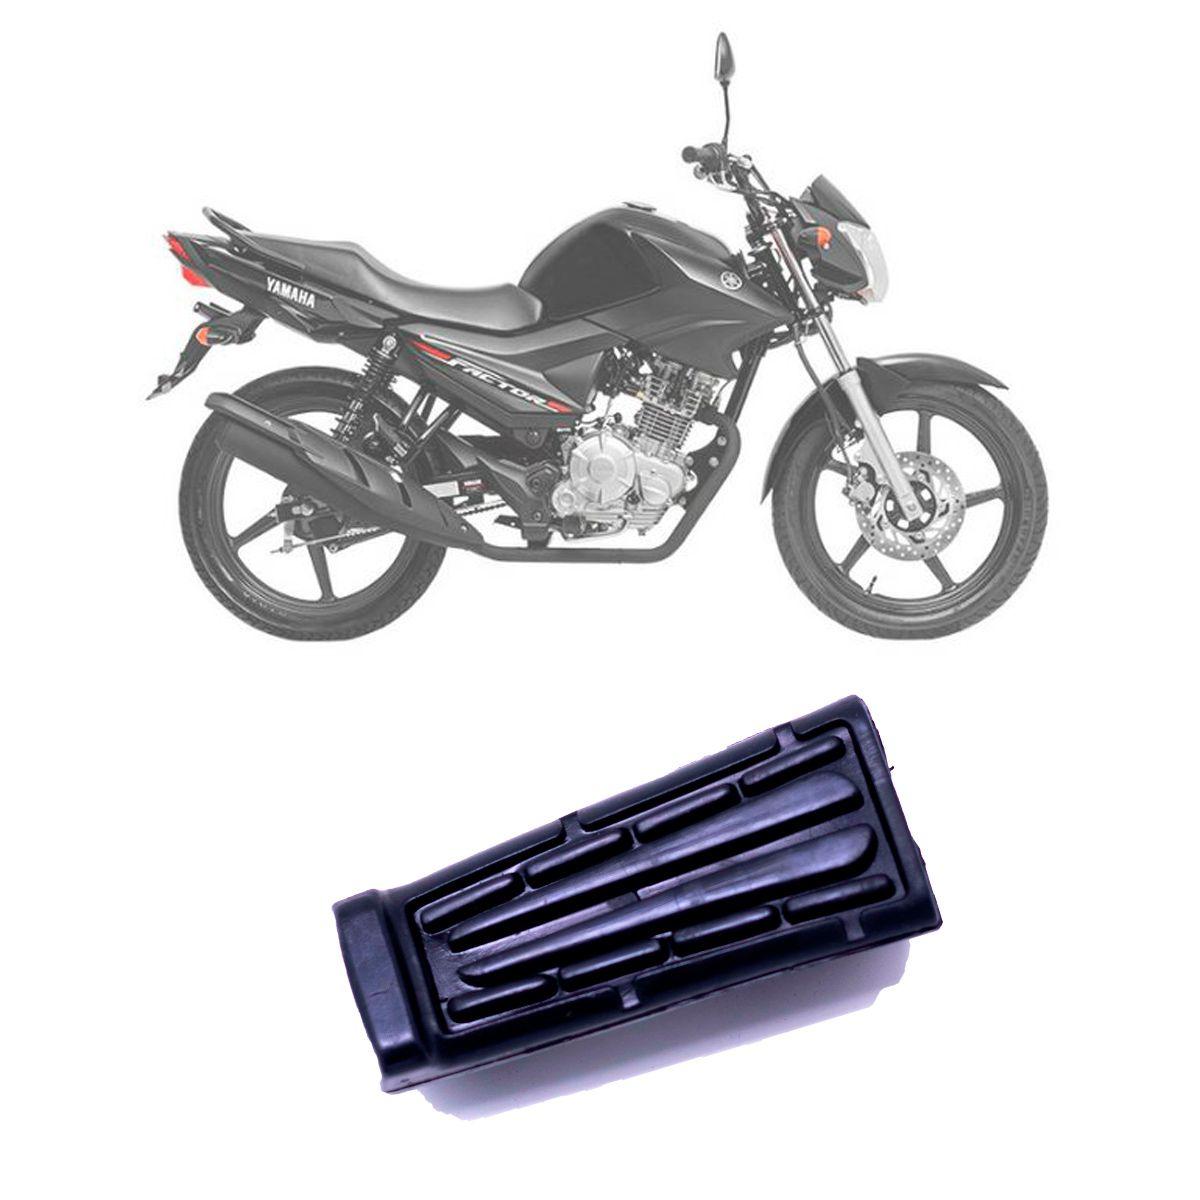 Borracha do Pedal Pedaleira Estribo Yamaha YBR 125 2000 à 2008 - Preto - Vaplas